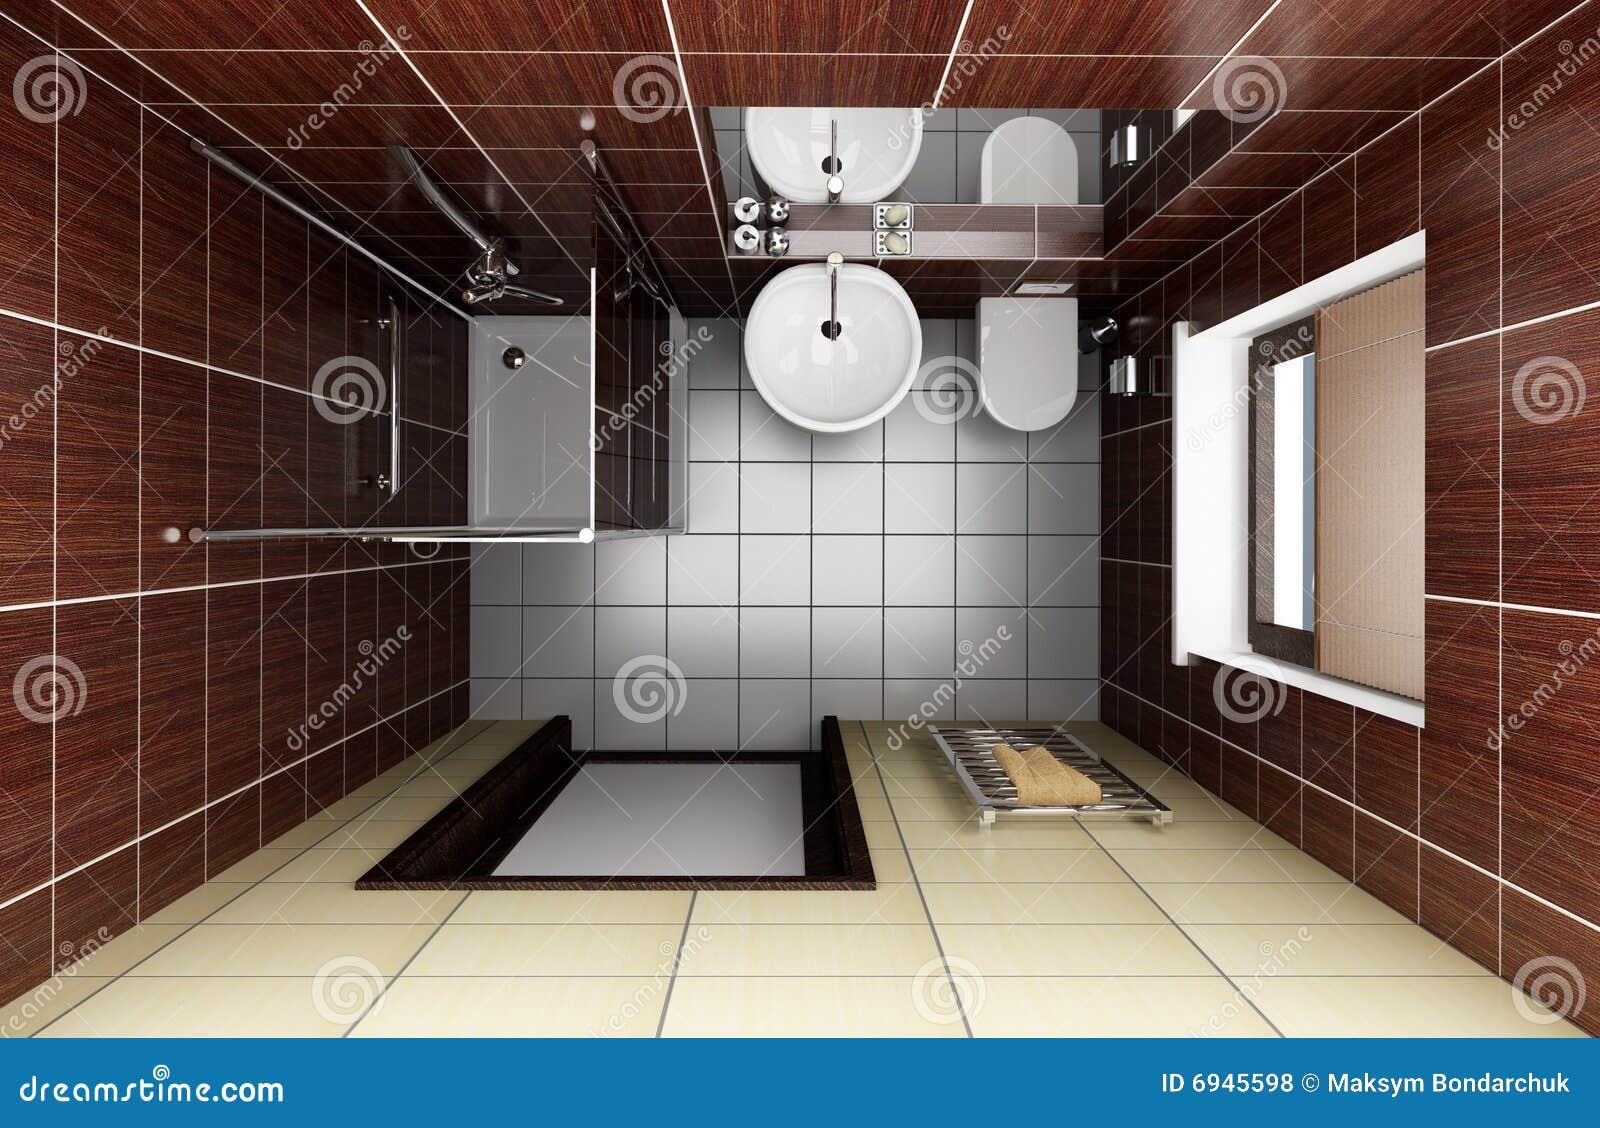 affordable baos azulejos bathroom top view baos azulejos marrones with azulejos de cuarto de bao - Azulejos De Bao